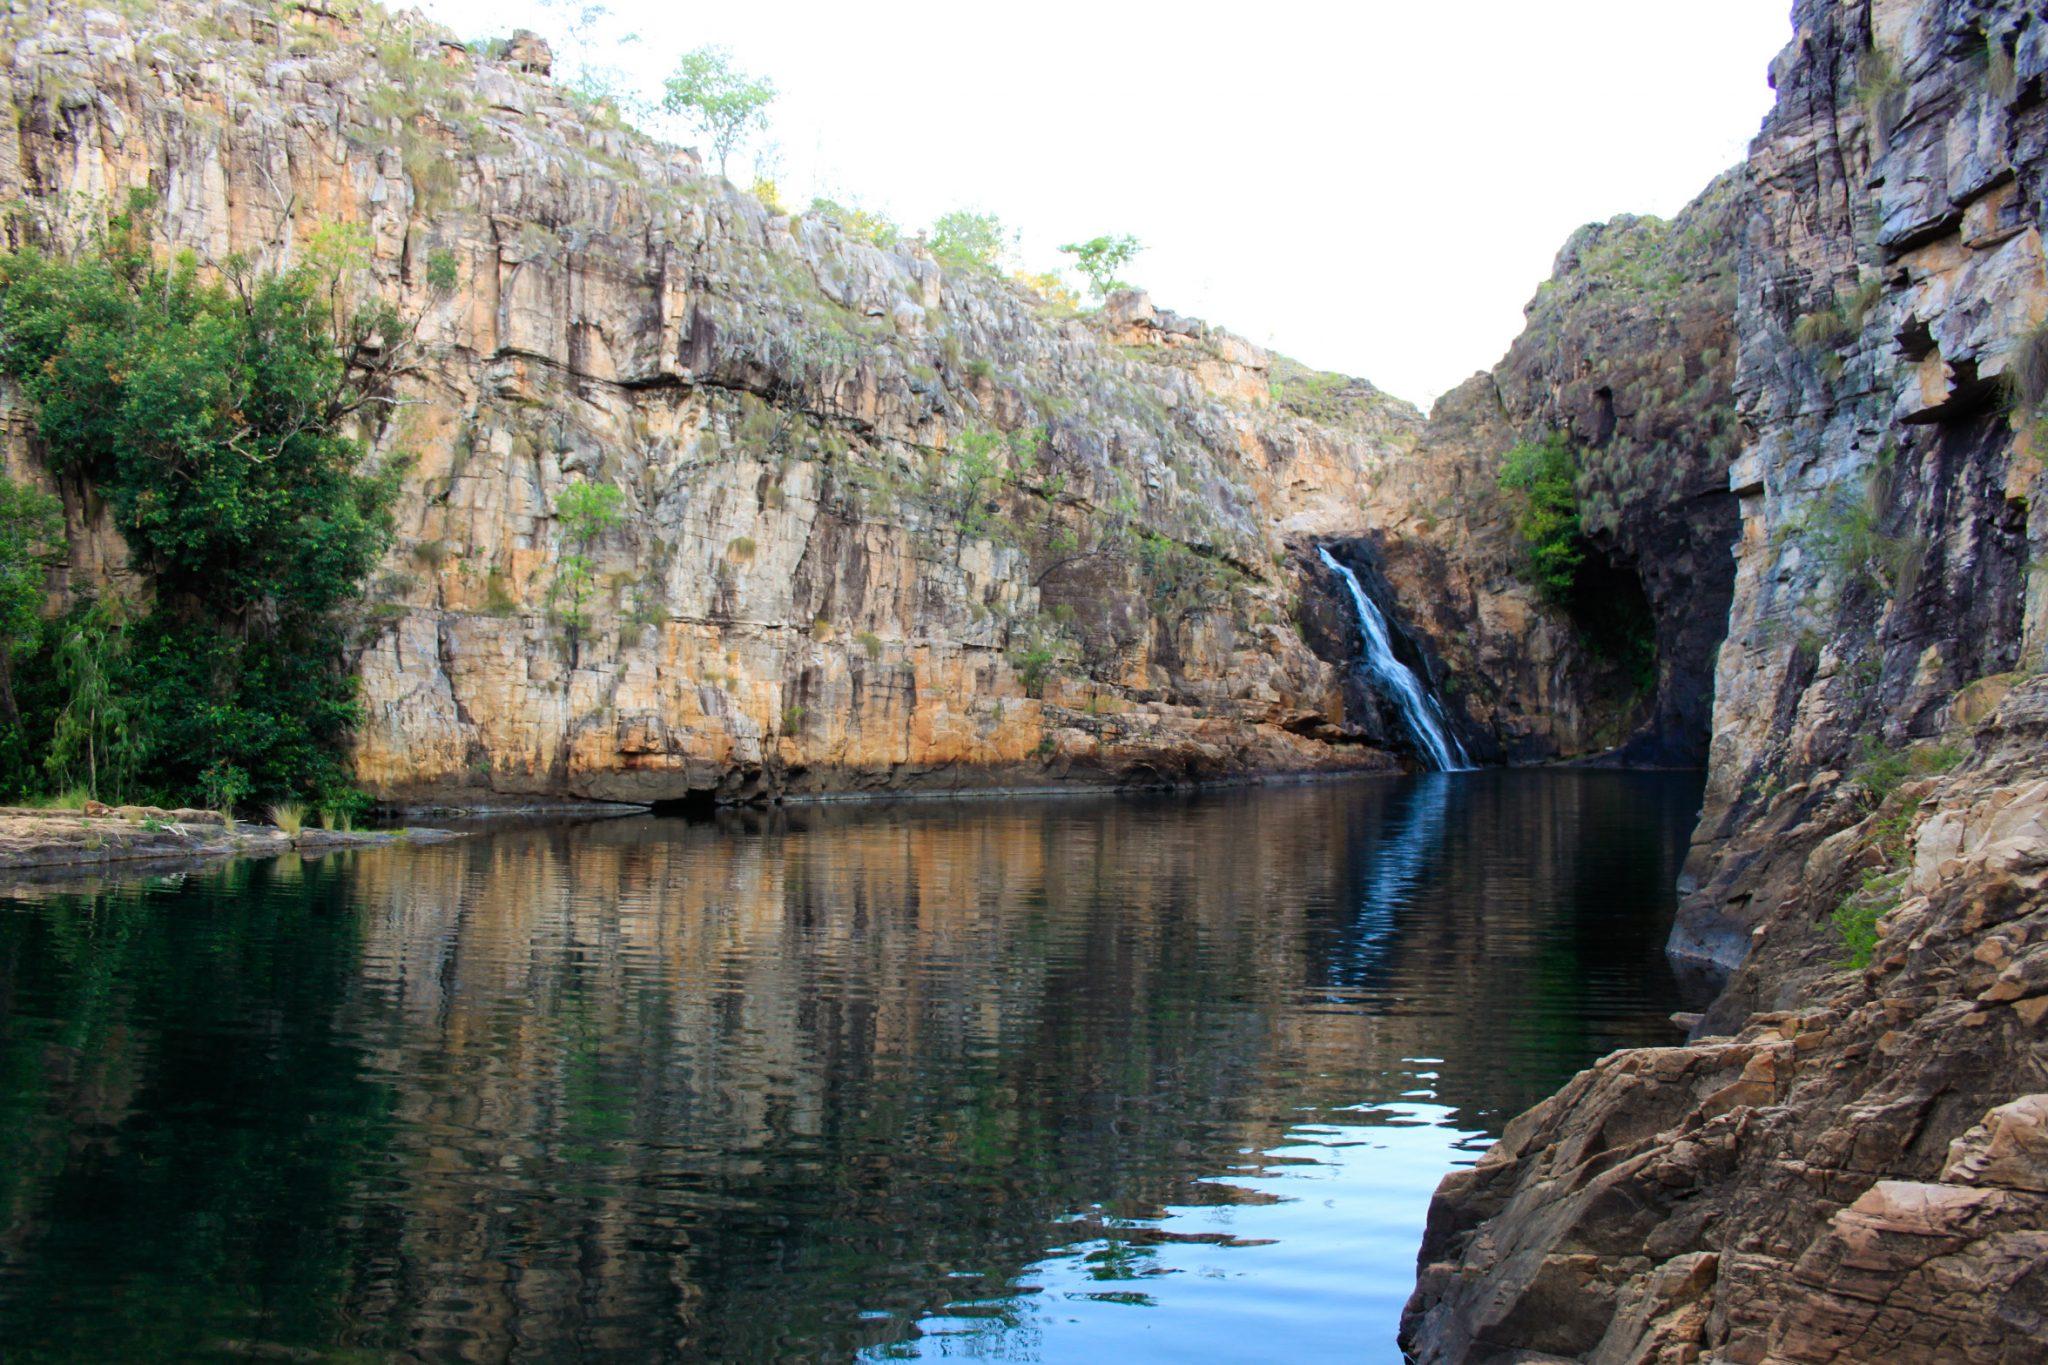 Semester abroad #10: Als Backpacker nach Australien - MG 1459